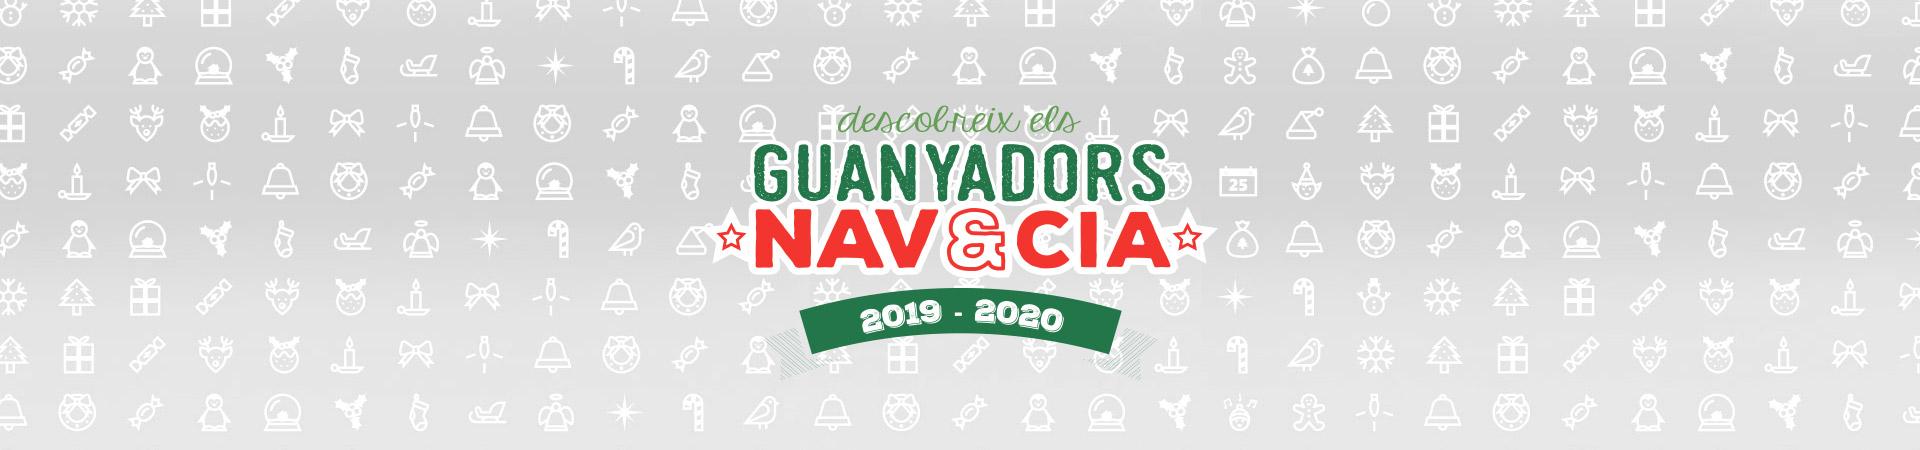 Slide-Ganadores_NavCia2019-20-CA